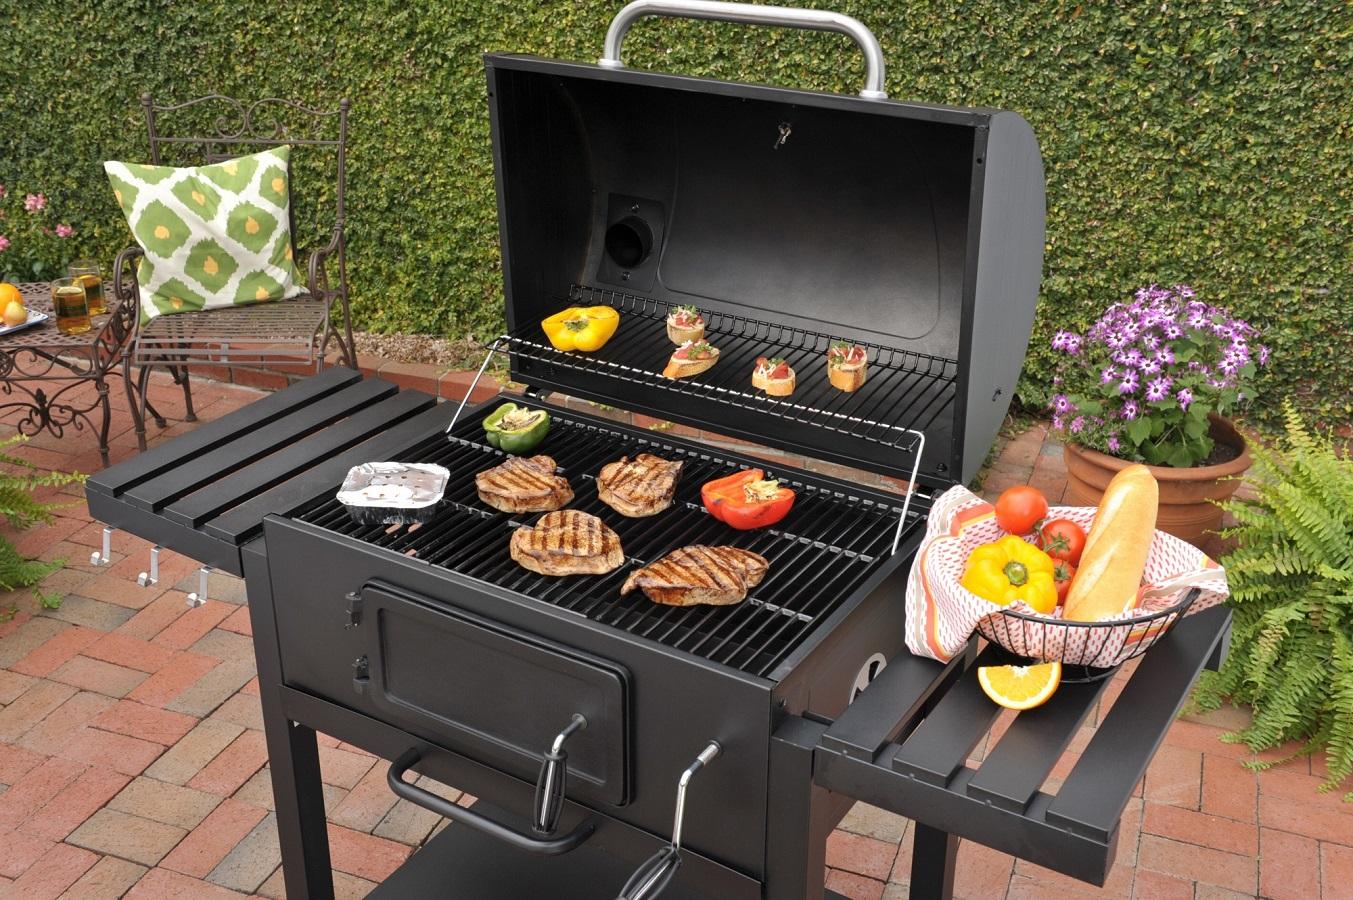 Barbecue En Pierre De Parement poêle à barbecue (48 photos): complexe extérieur avec